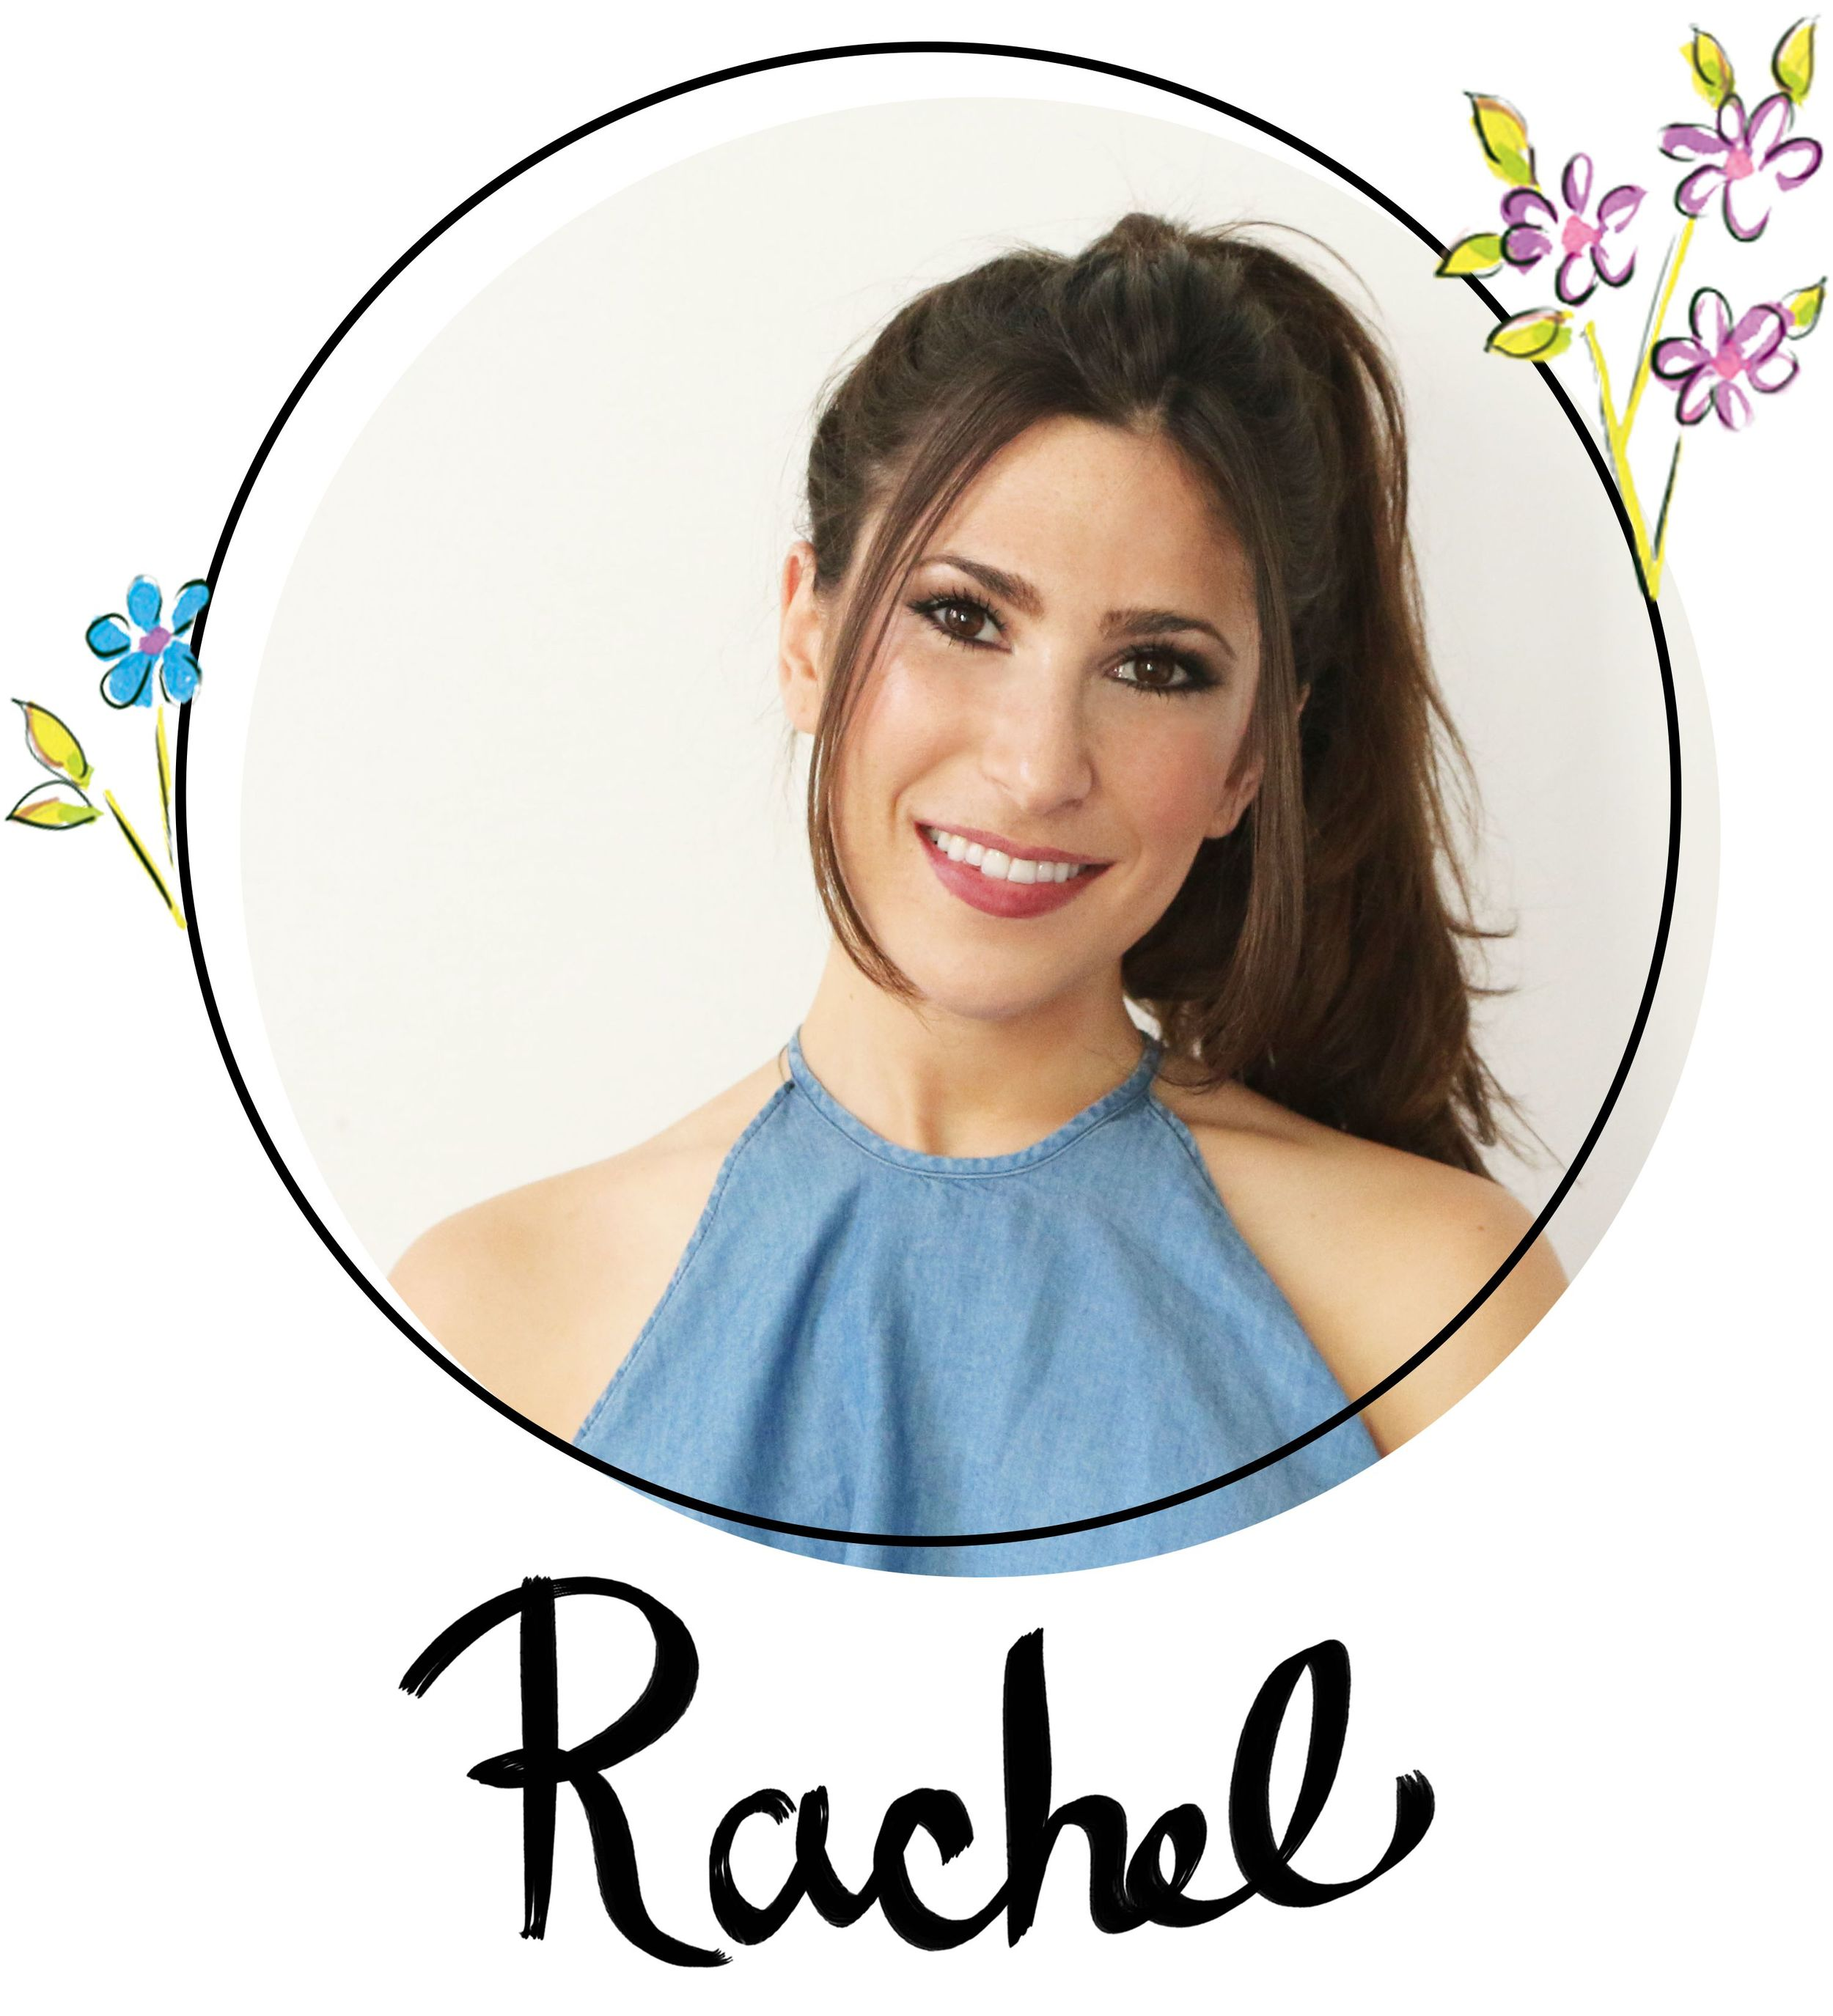 Rachel Fishbein